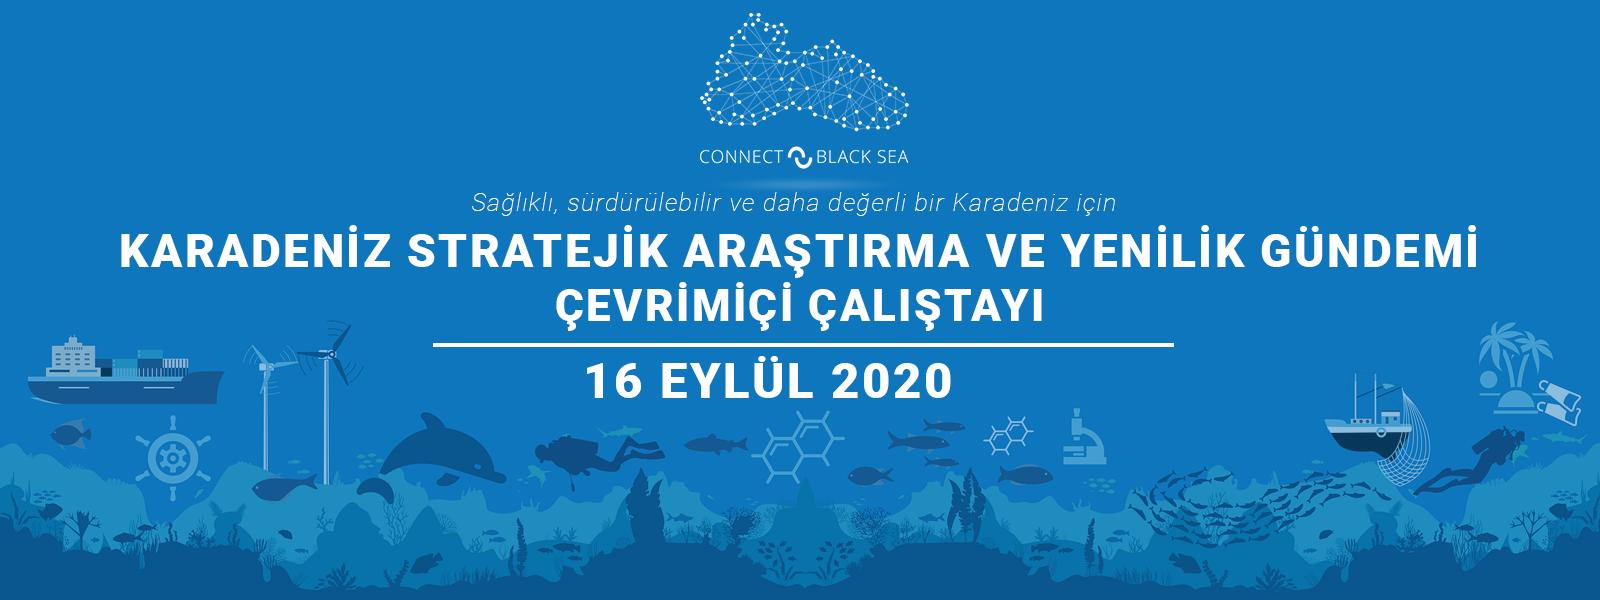 Karadeniz Stratejik Araştırma ve Yenilik Gündemi Çevrimiçi Çalıştayı – Türkiye